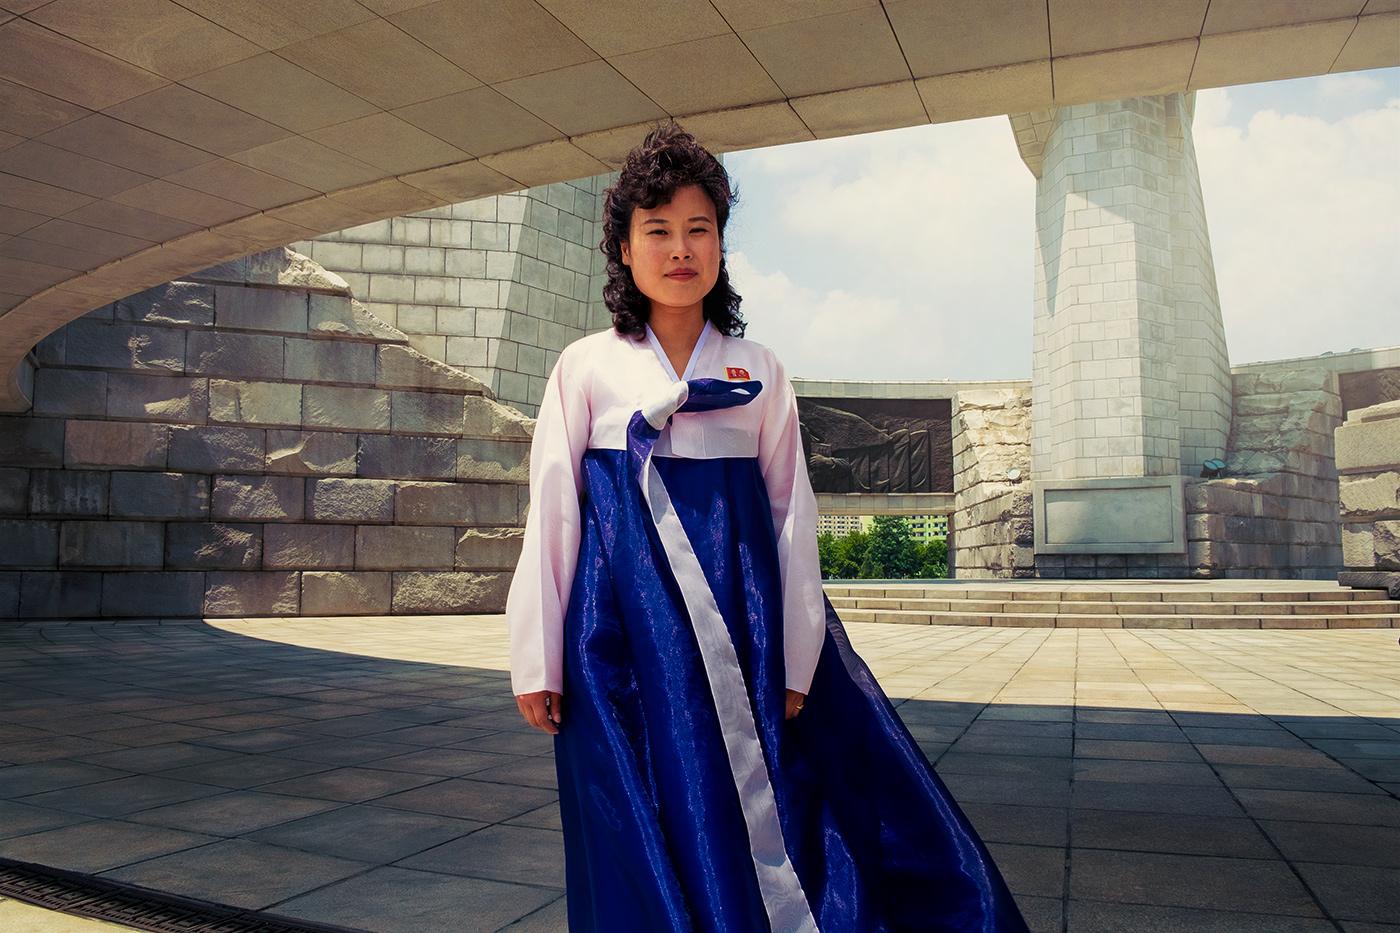 Вернулся из Северной Кореи живым - и ладно! 02